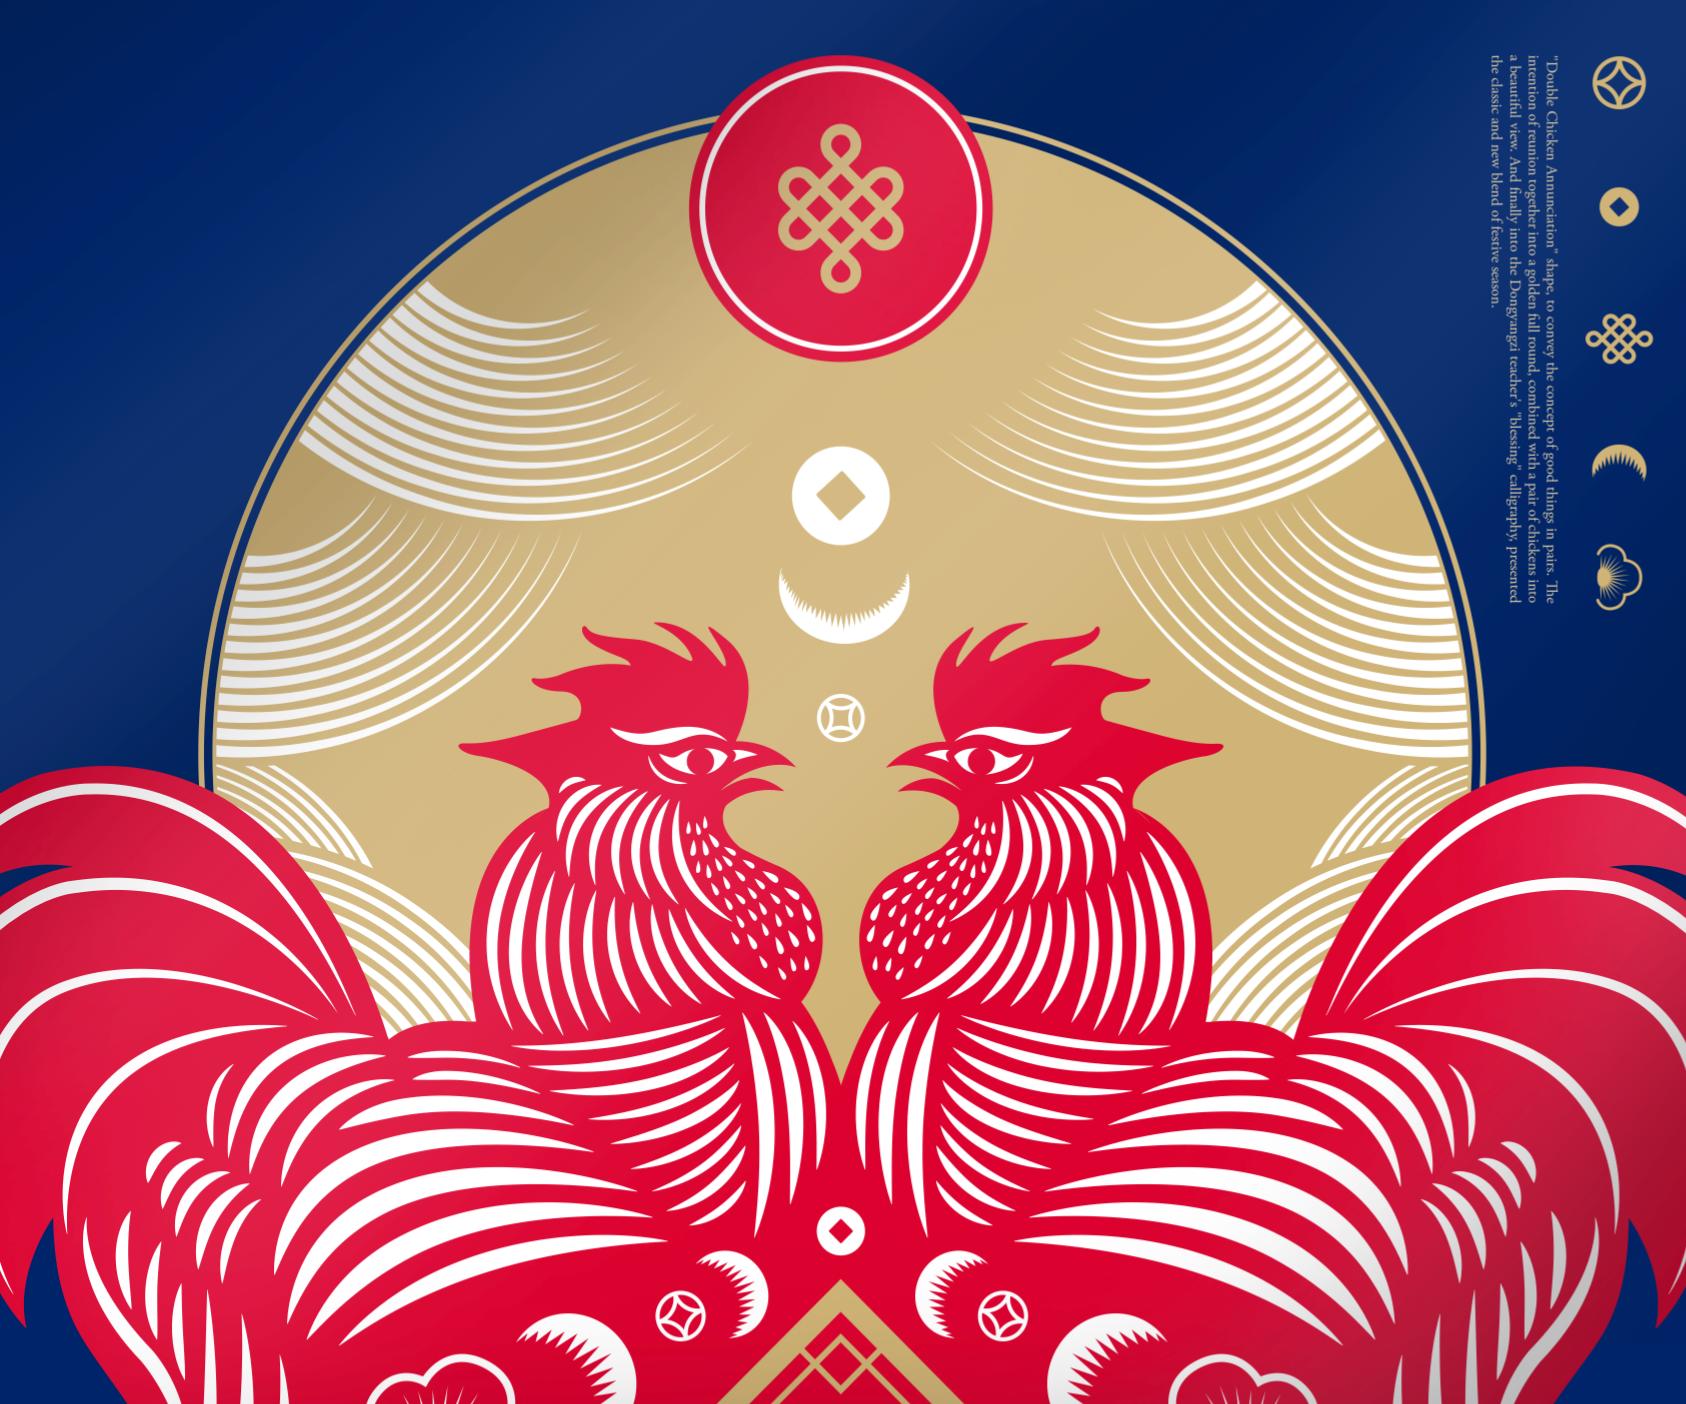 查看此 @Behance 项目: \u201c誠品生活 丁酉 - 雞年窗花 & 紅包袋 2017\u201d https://www.behance.net/gallery/50016385/-2017